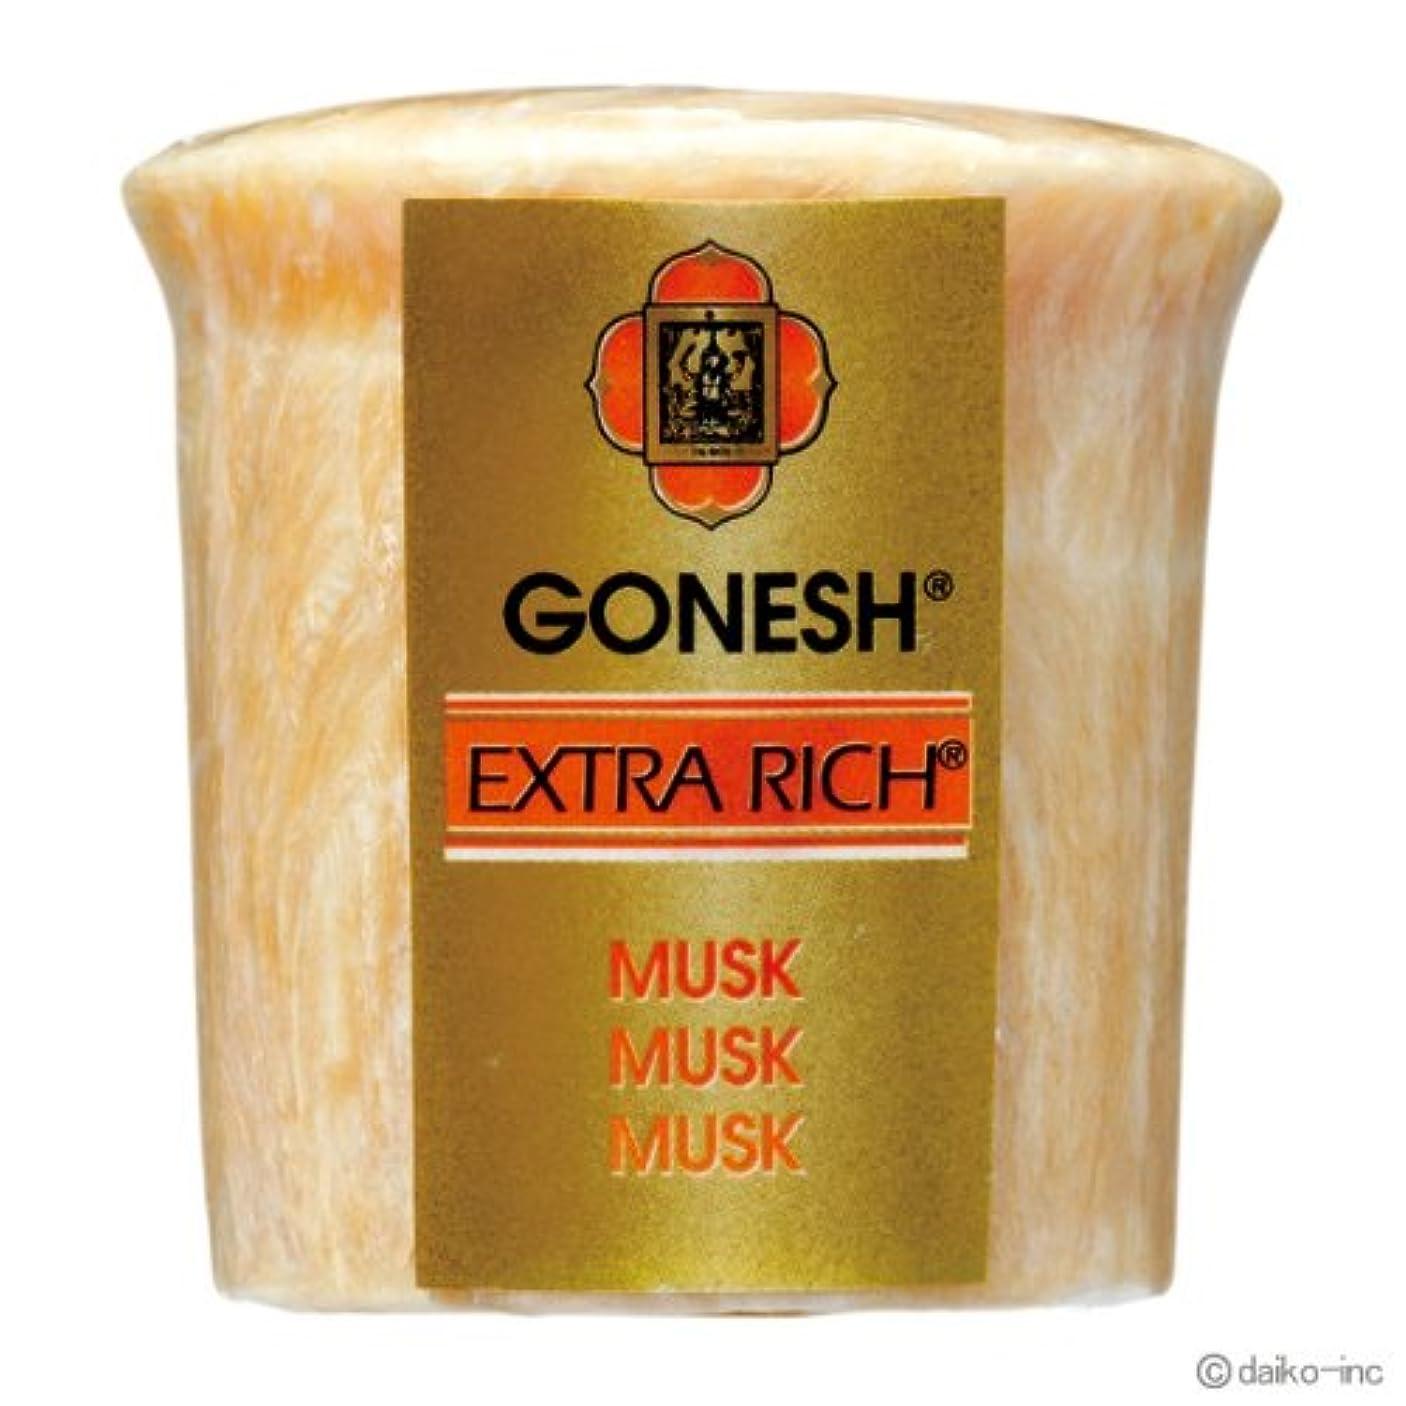 頑固なコジオスコ運動するガーネッシュ GONESH エクストラリッチ ムスク アロマキャンドル 10個セット